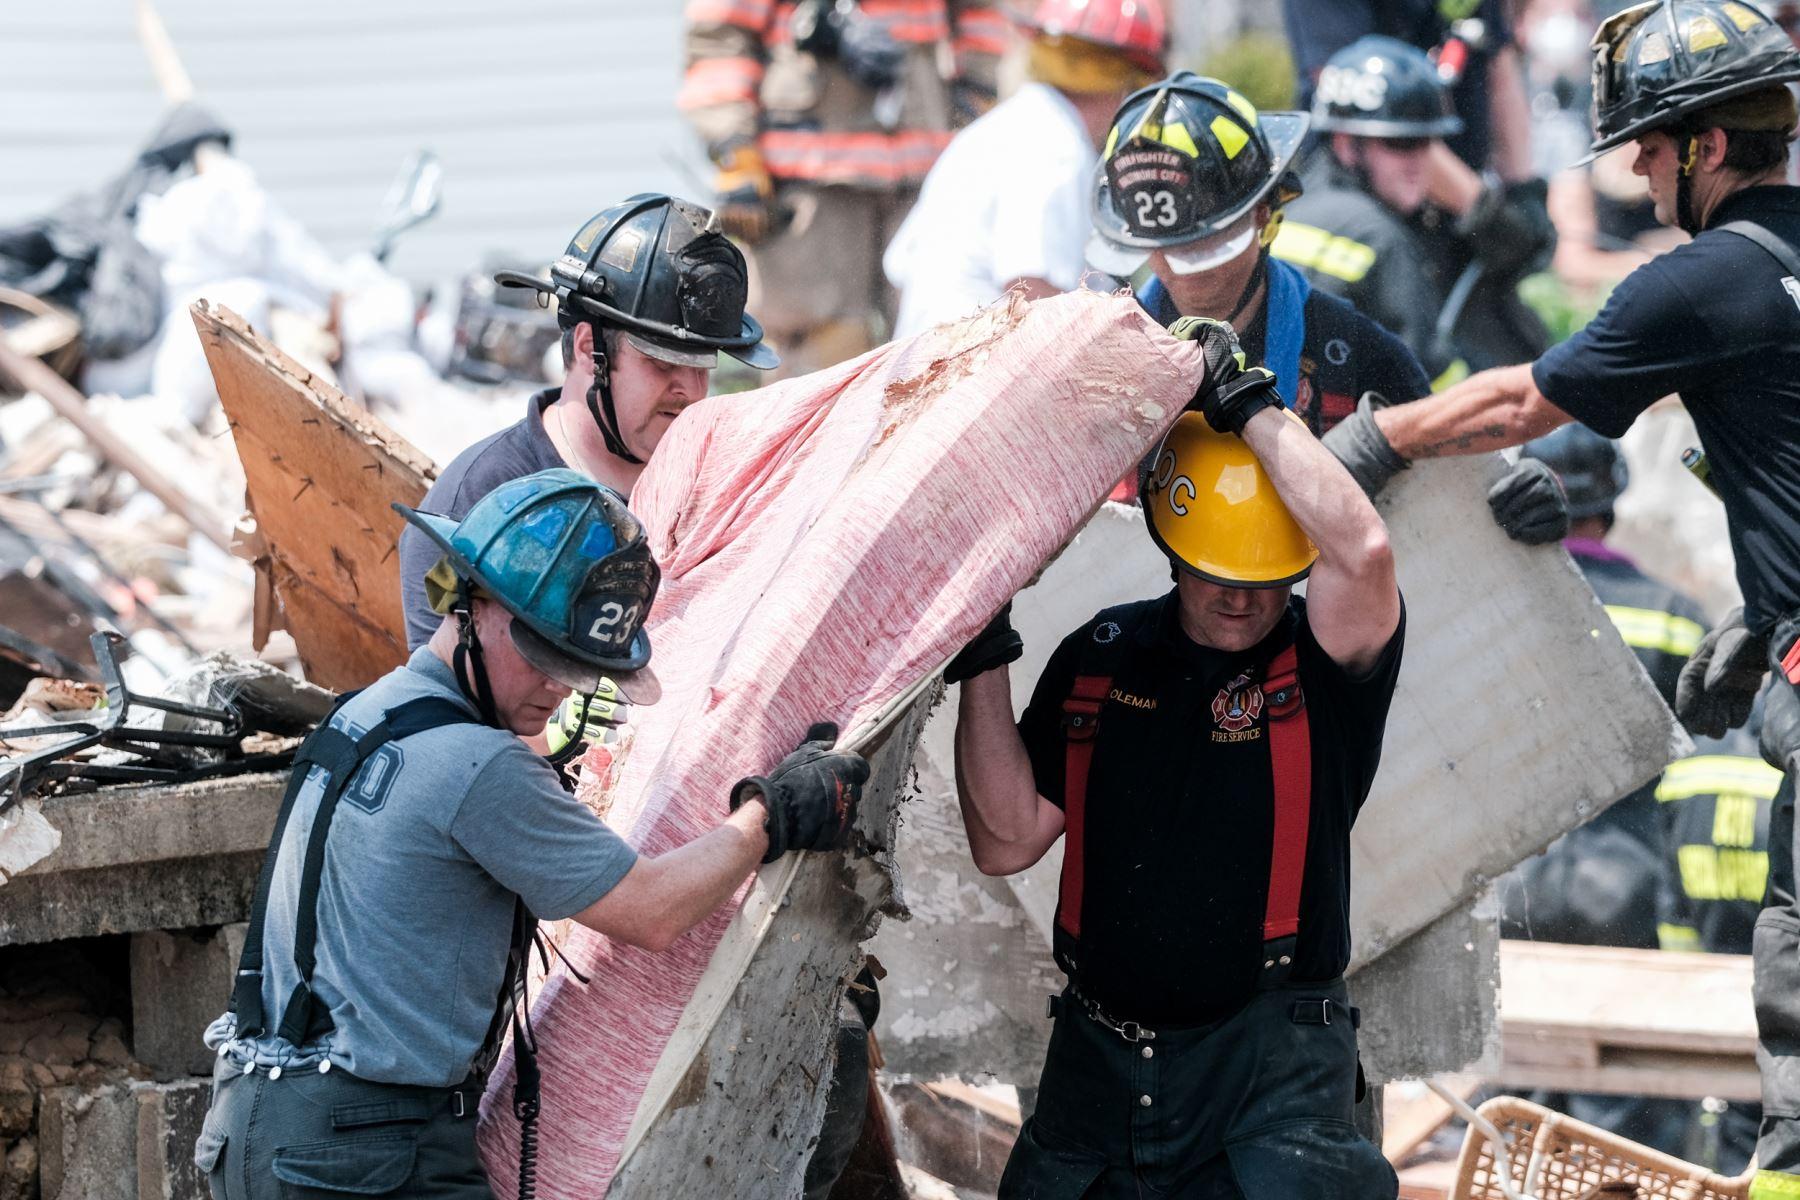 Los socorristas buscan sobrevivientes en el lugar de una explosión en Baltimore, Maryland. Los primeros informes indican que una fuga de gas pudo haber causado la explosión masiva que arrasó tres casas, causando múltiples heridos y al menos una muerte.  Foto: AFP